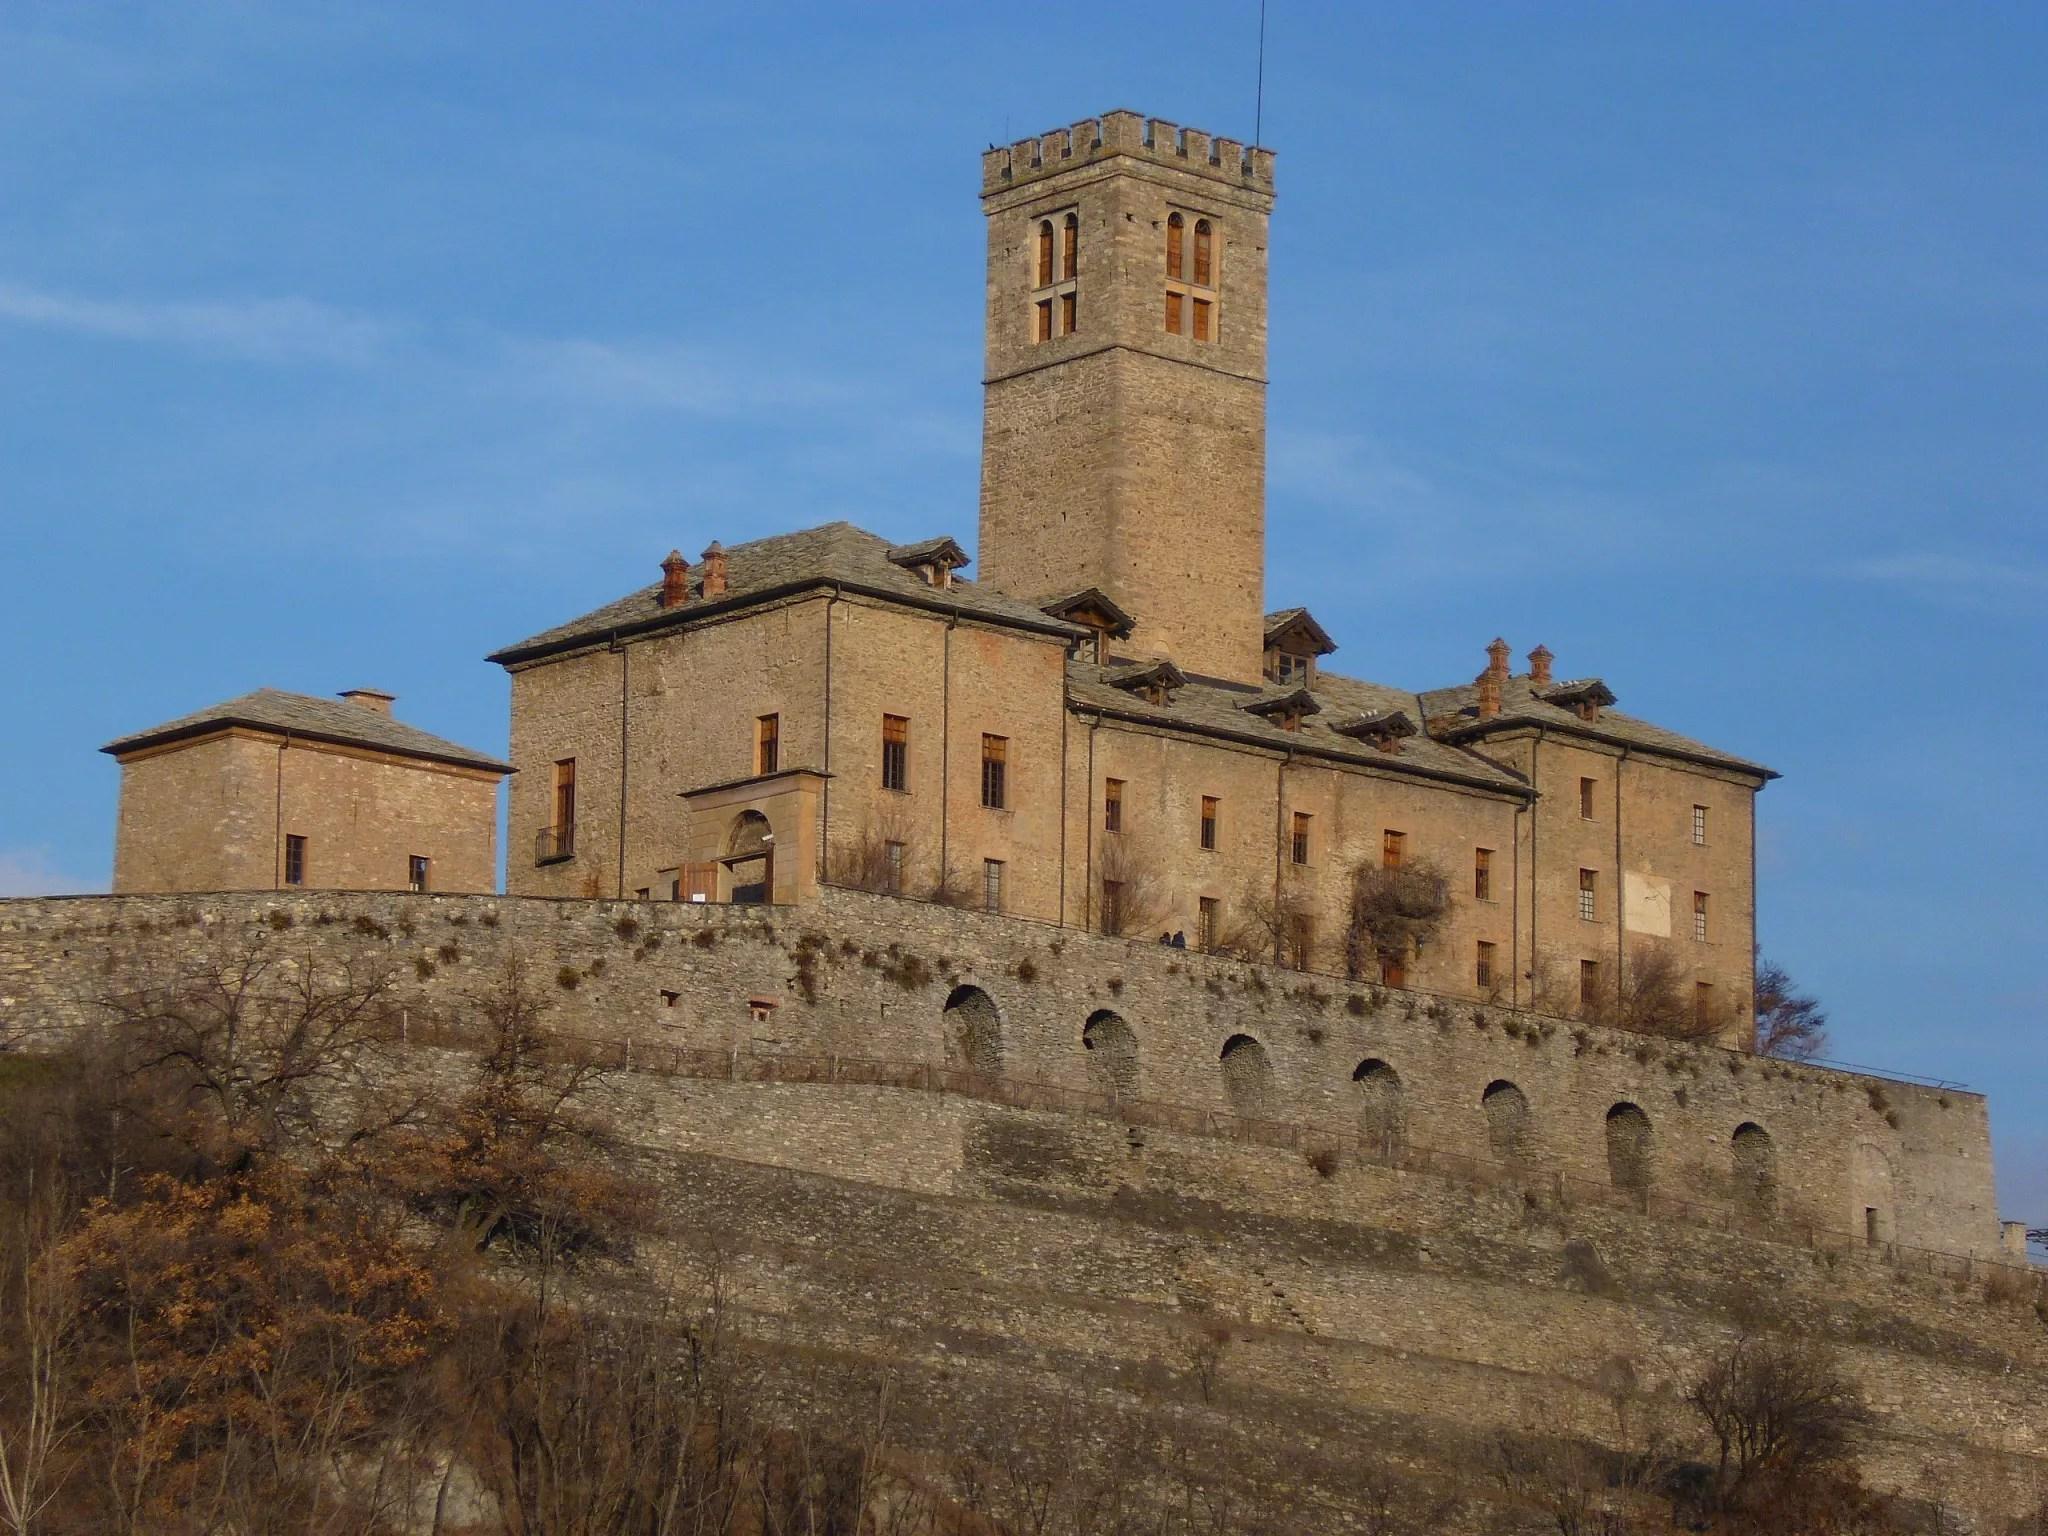 Il castello Reale di Sarre residenza dei Savoia in Valle dAosta